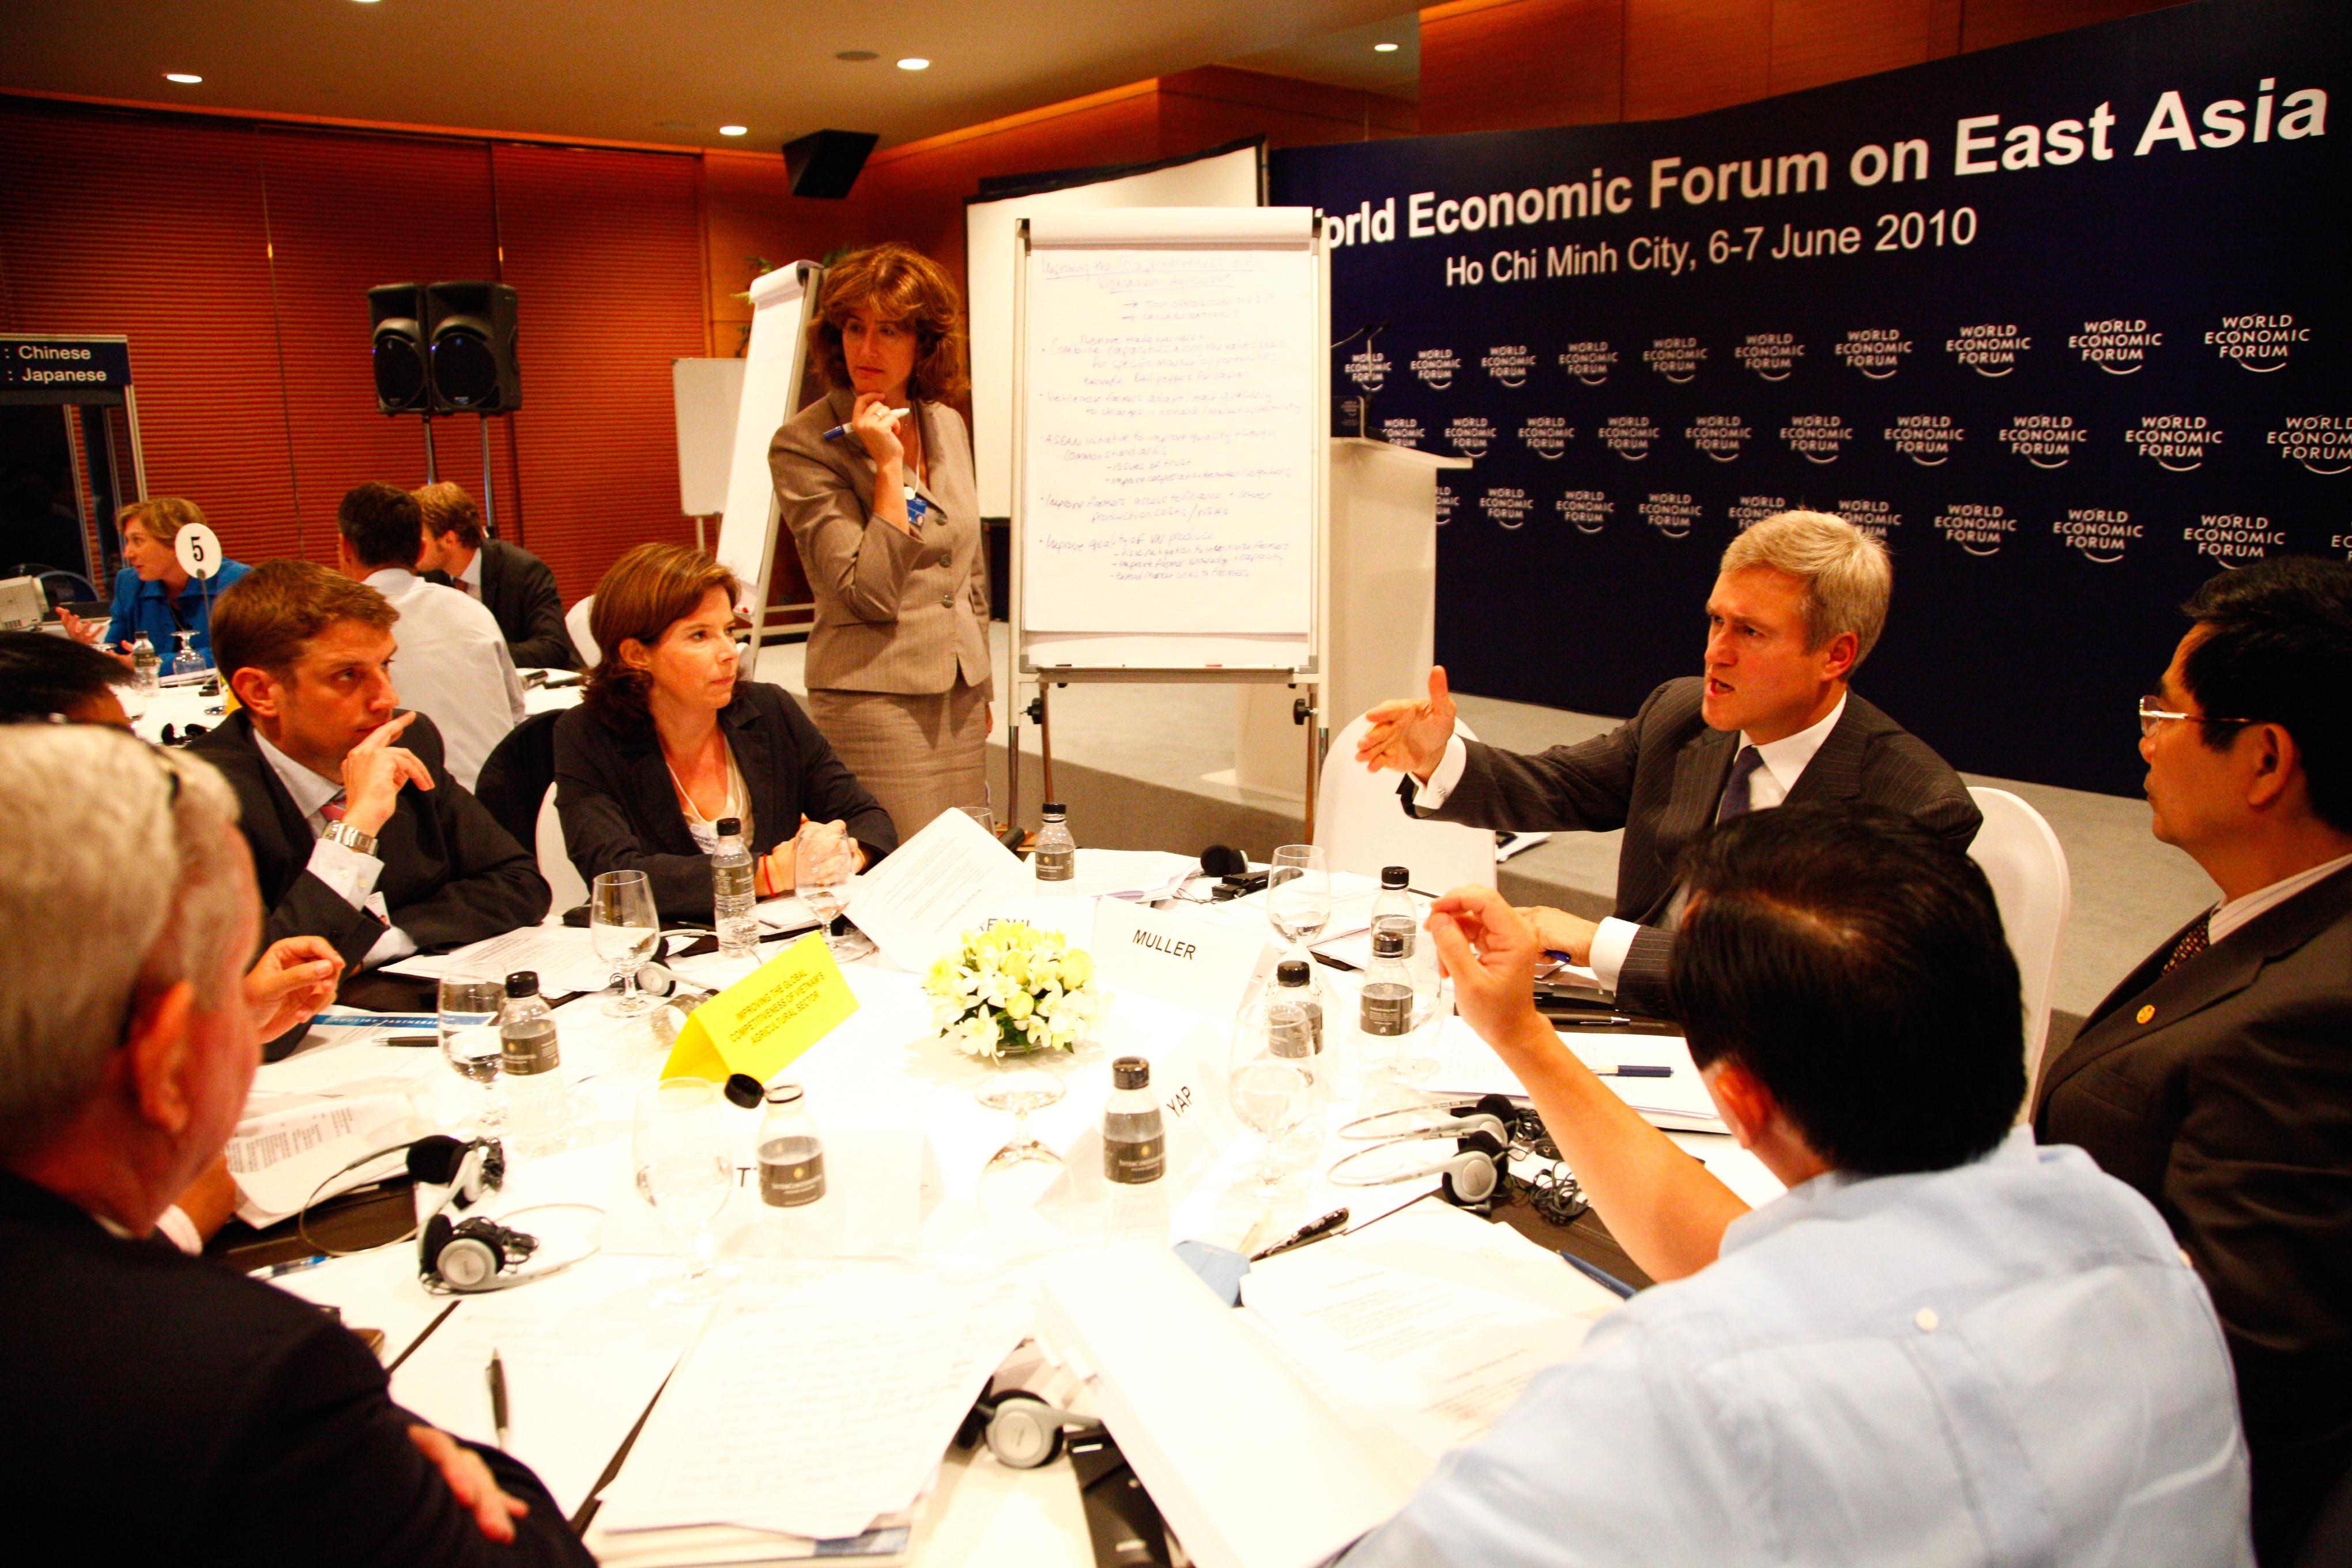 Participants at a breakout discussion